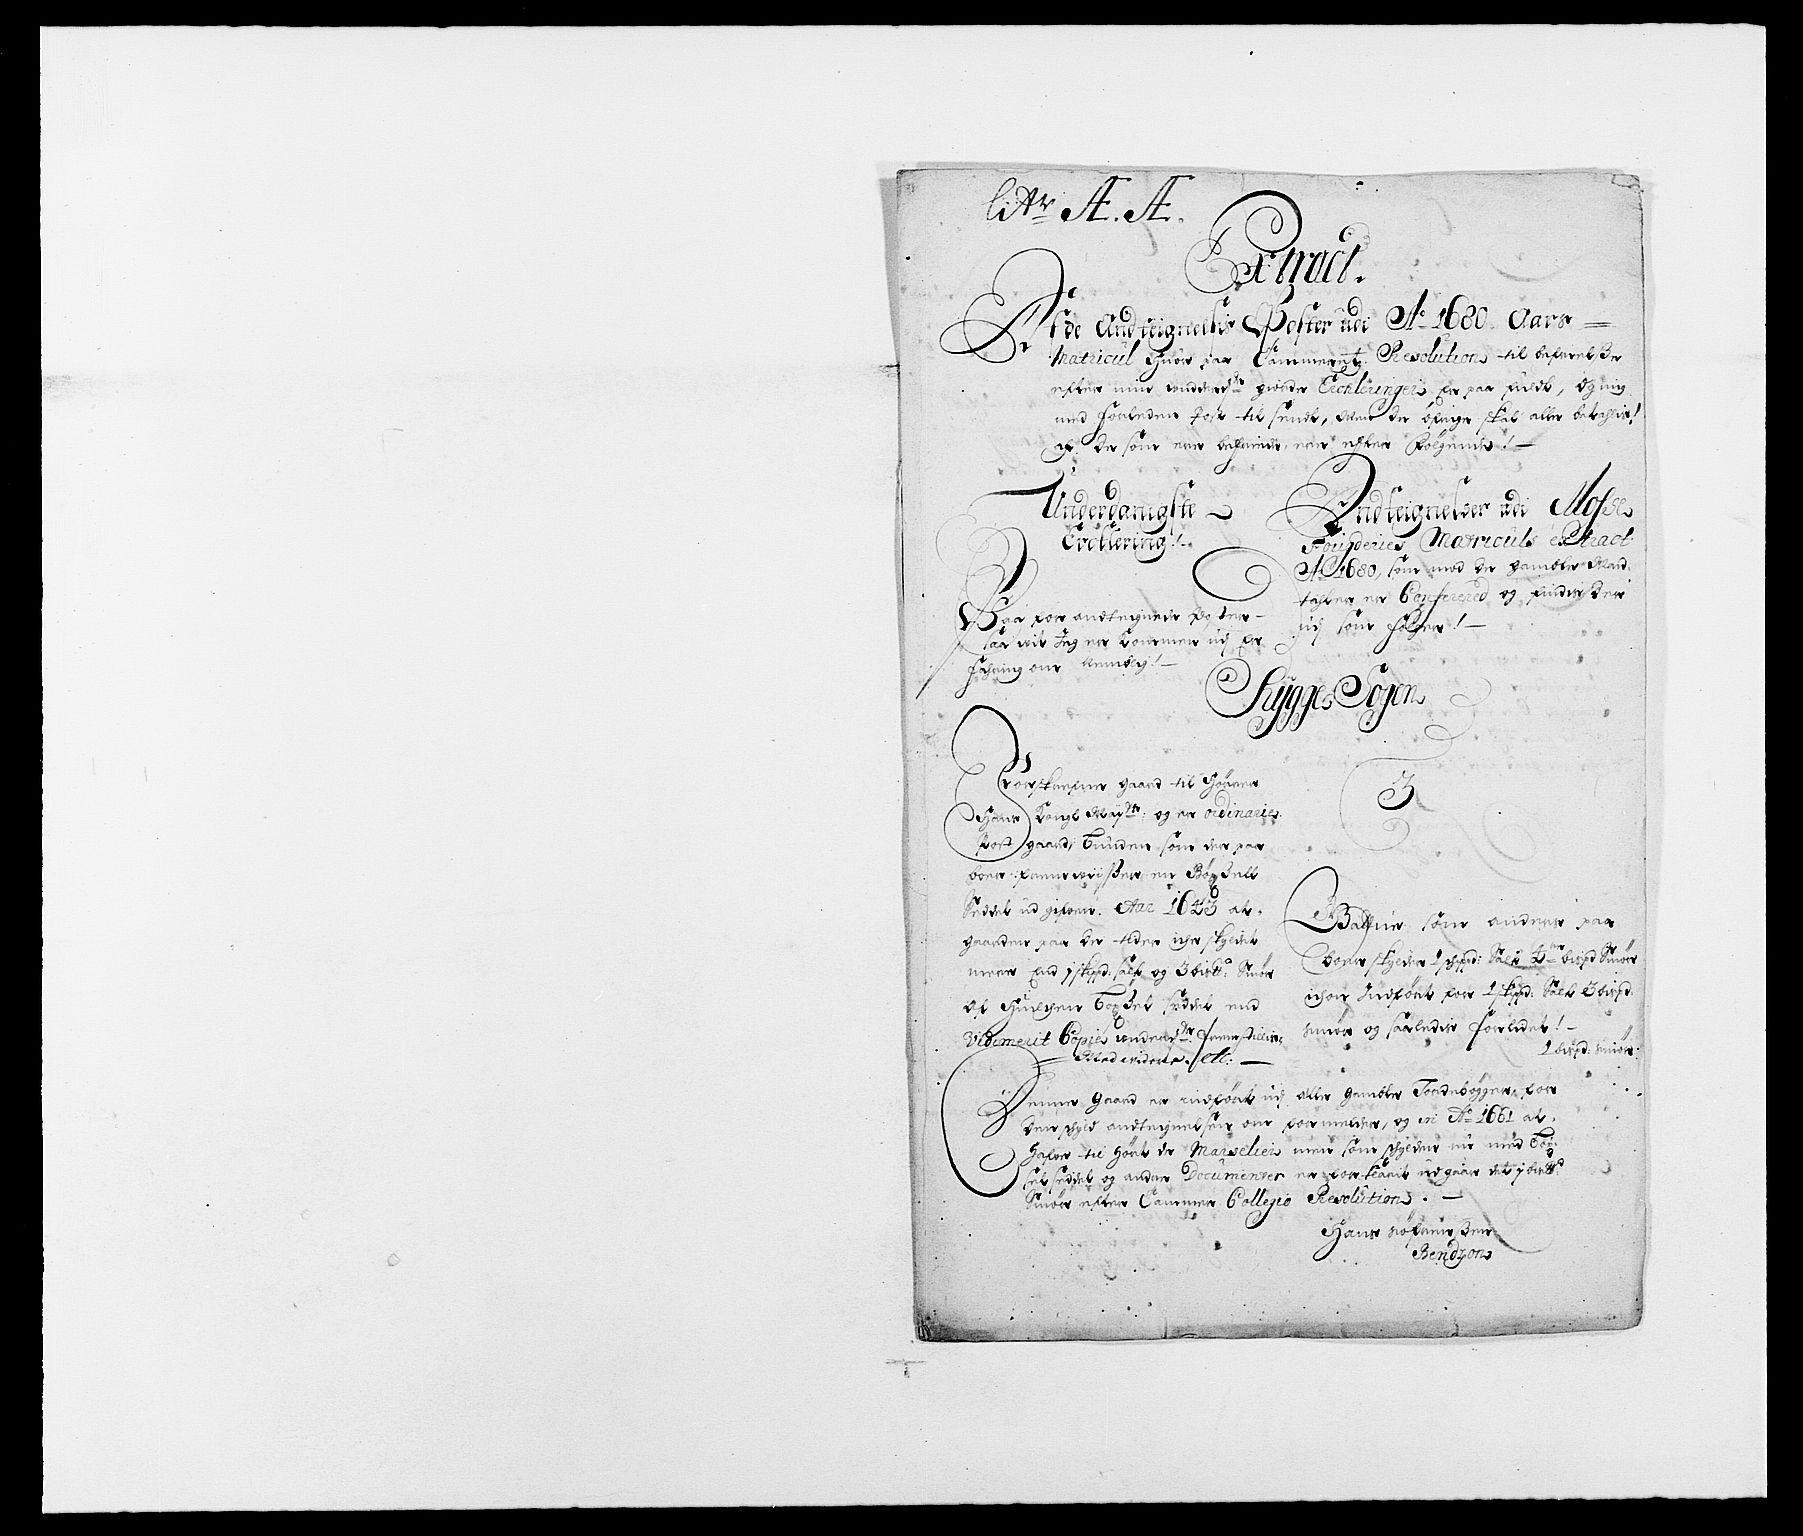 RA, Rentekammeret inntil 1814, Reviderte regnskaper, Fogderegnskap, R02/L0101: Fogderegnskap Moss og Verne kloster, 1680, s. 250